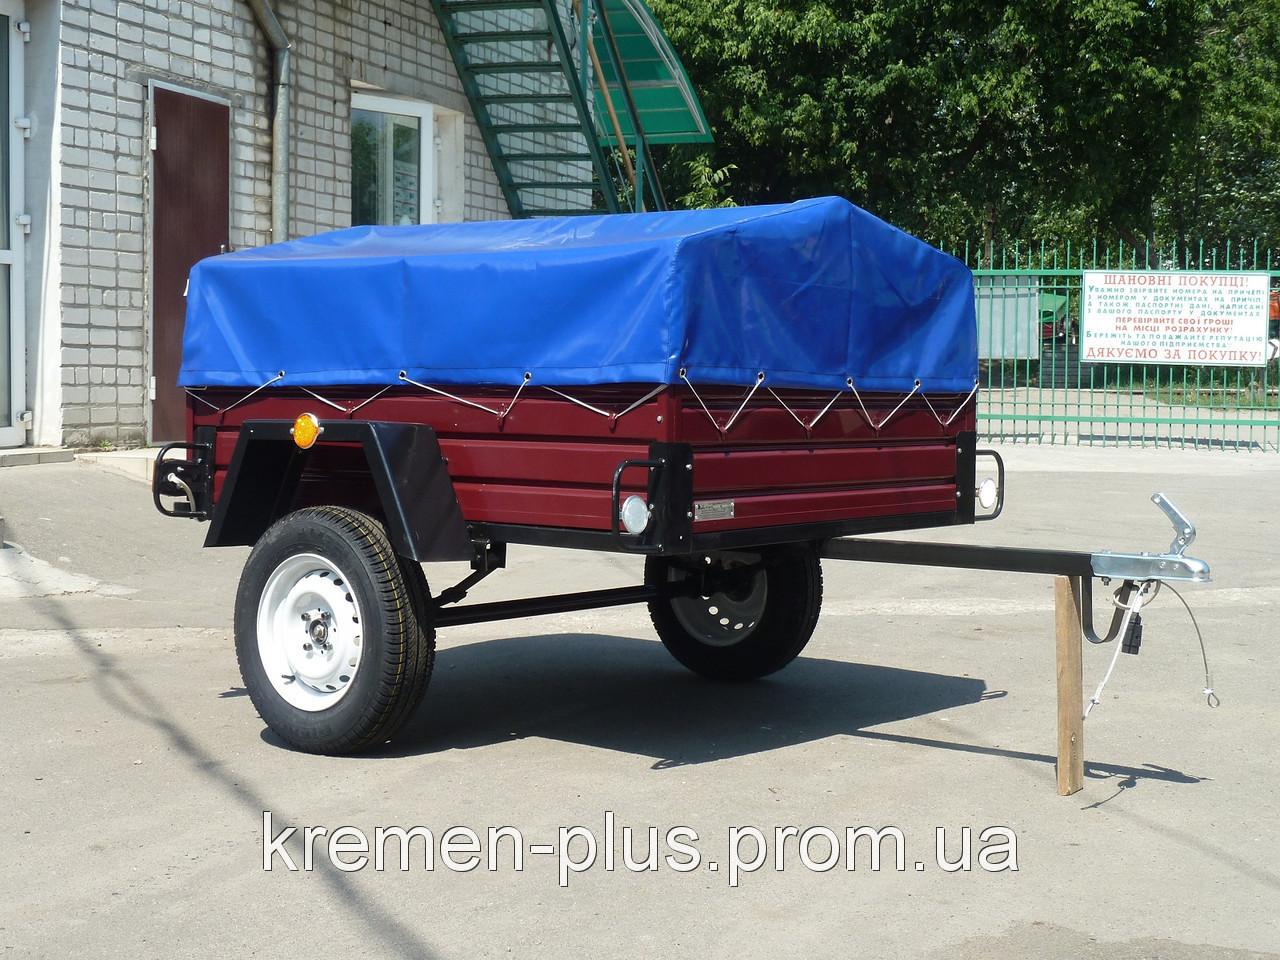 Продам одноосный легковой прицеп в Житомире для автомобиля